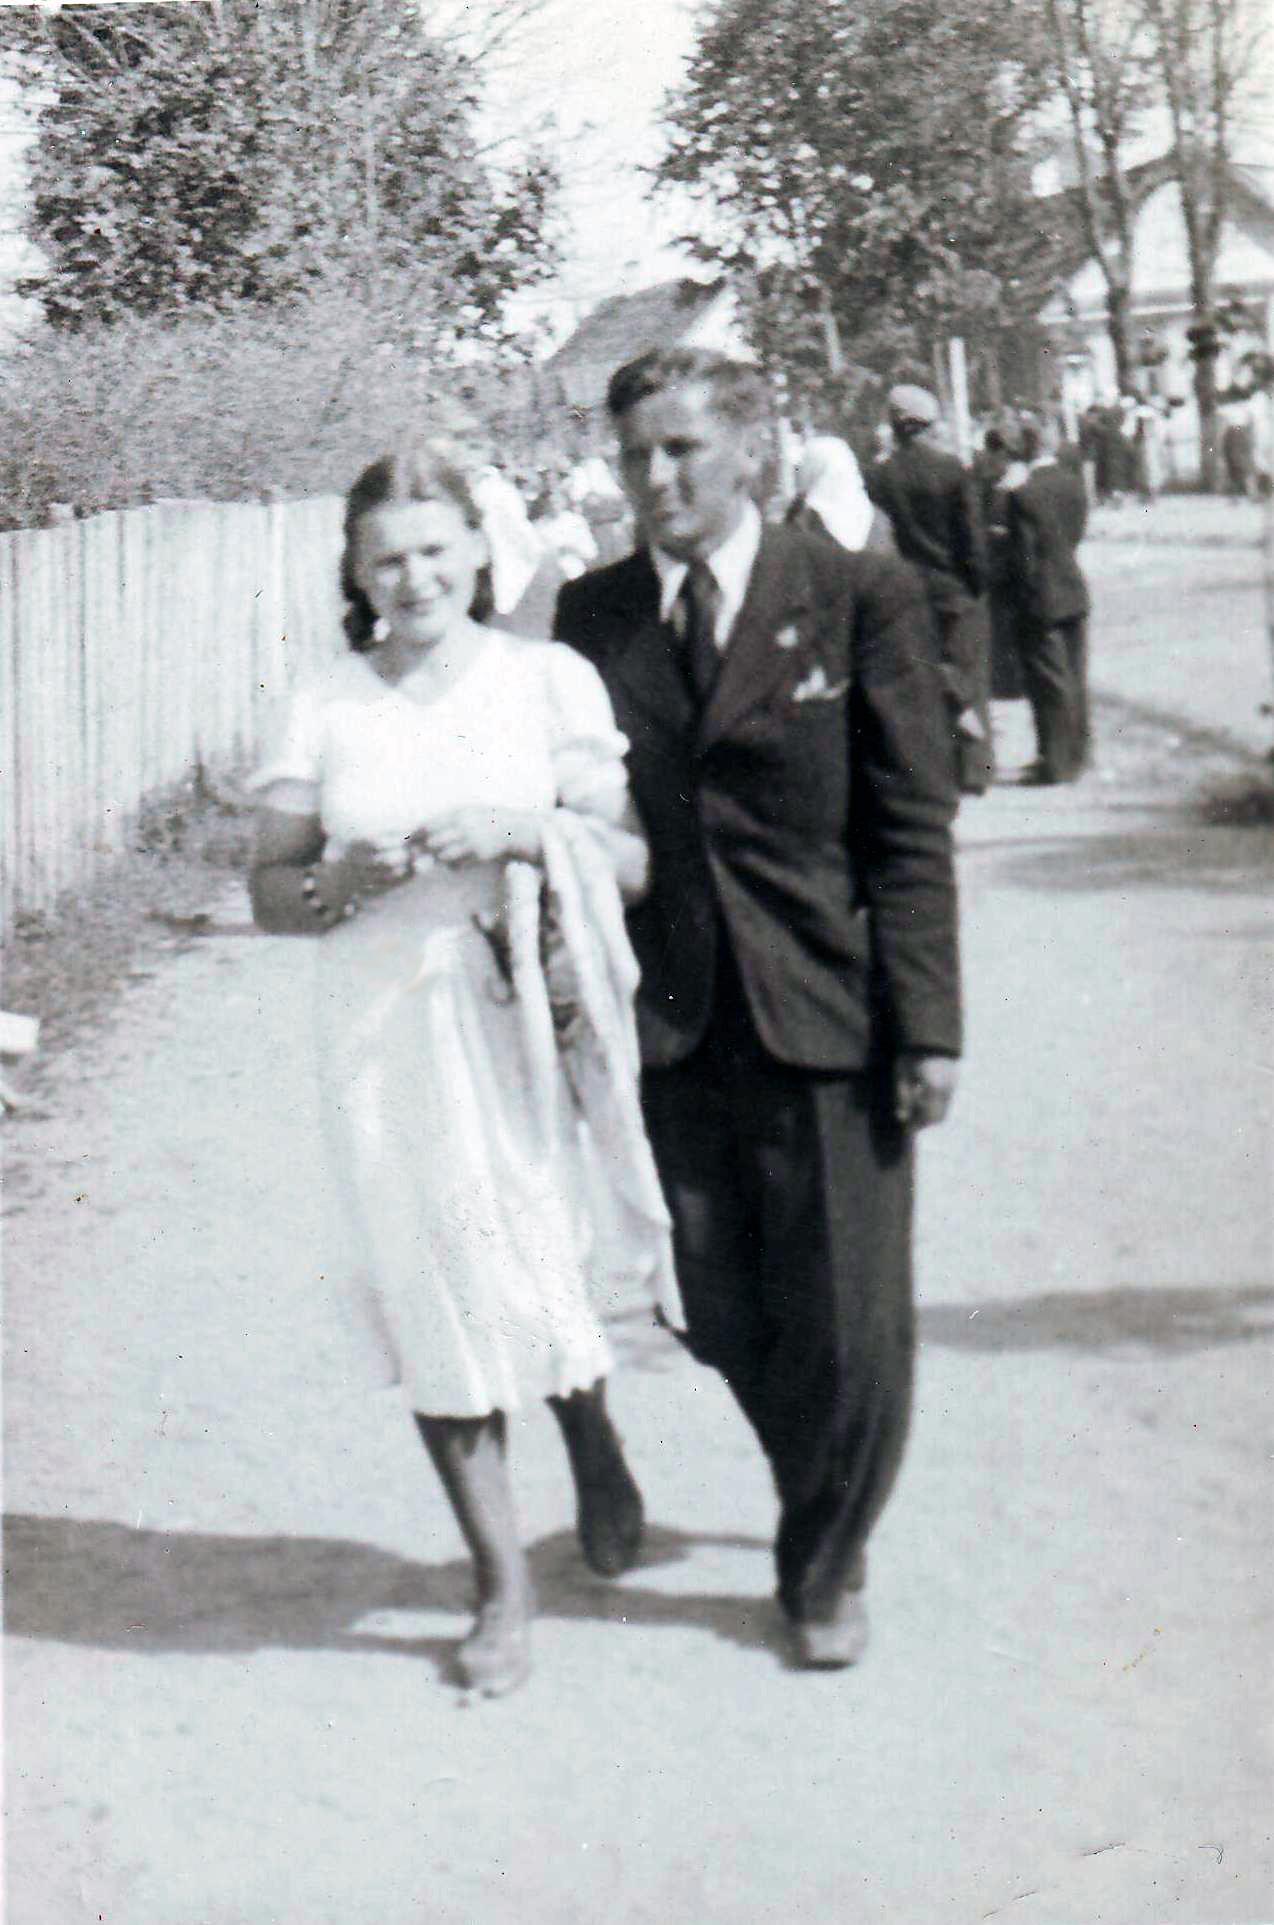 K. Butautis ir O. Gimžauskaitė Šv. Antano atlaiduose, 1940-06-13, Kaltanėnai | D. Brazdžiūnienės asmeninio albumo nuotr.